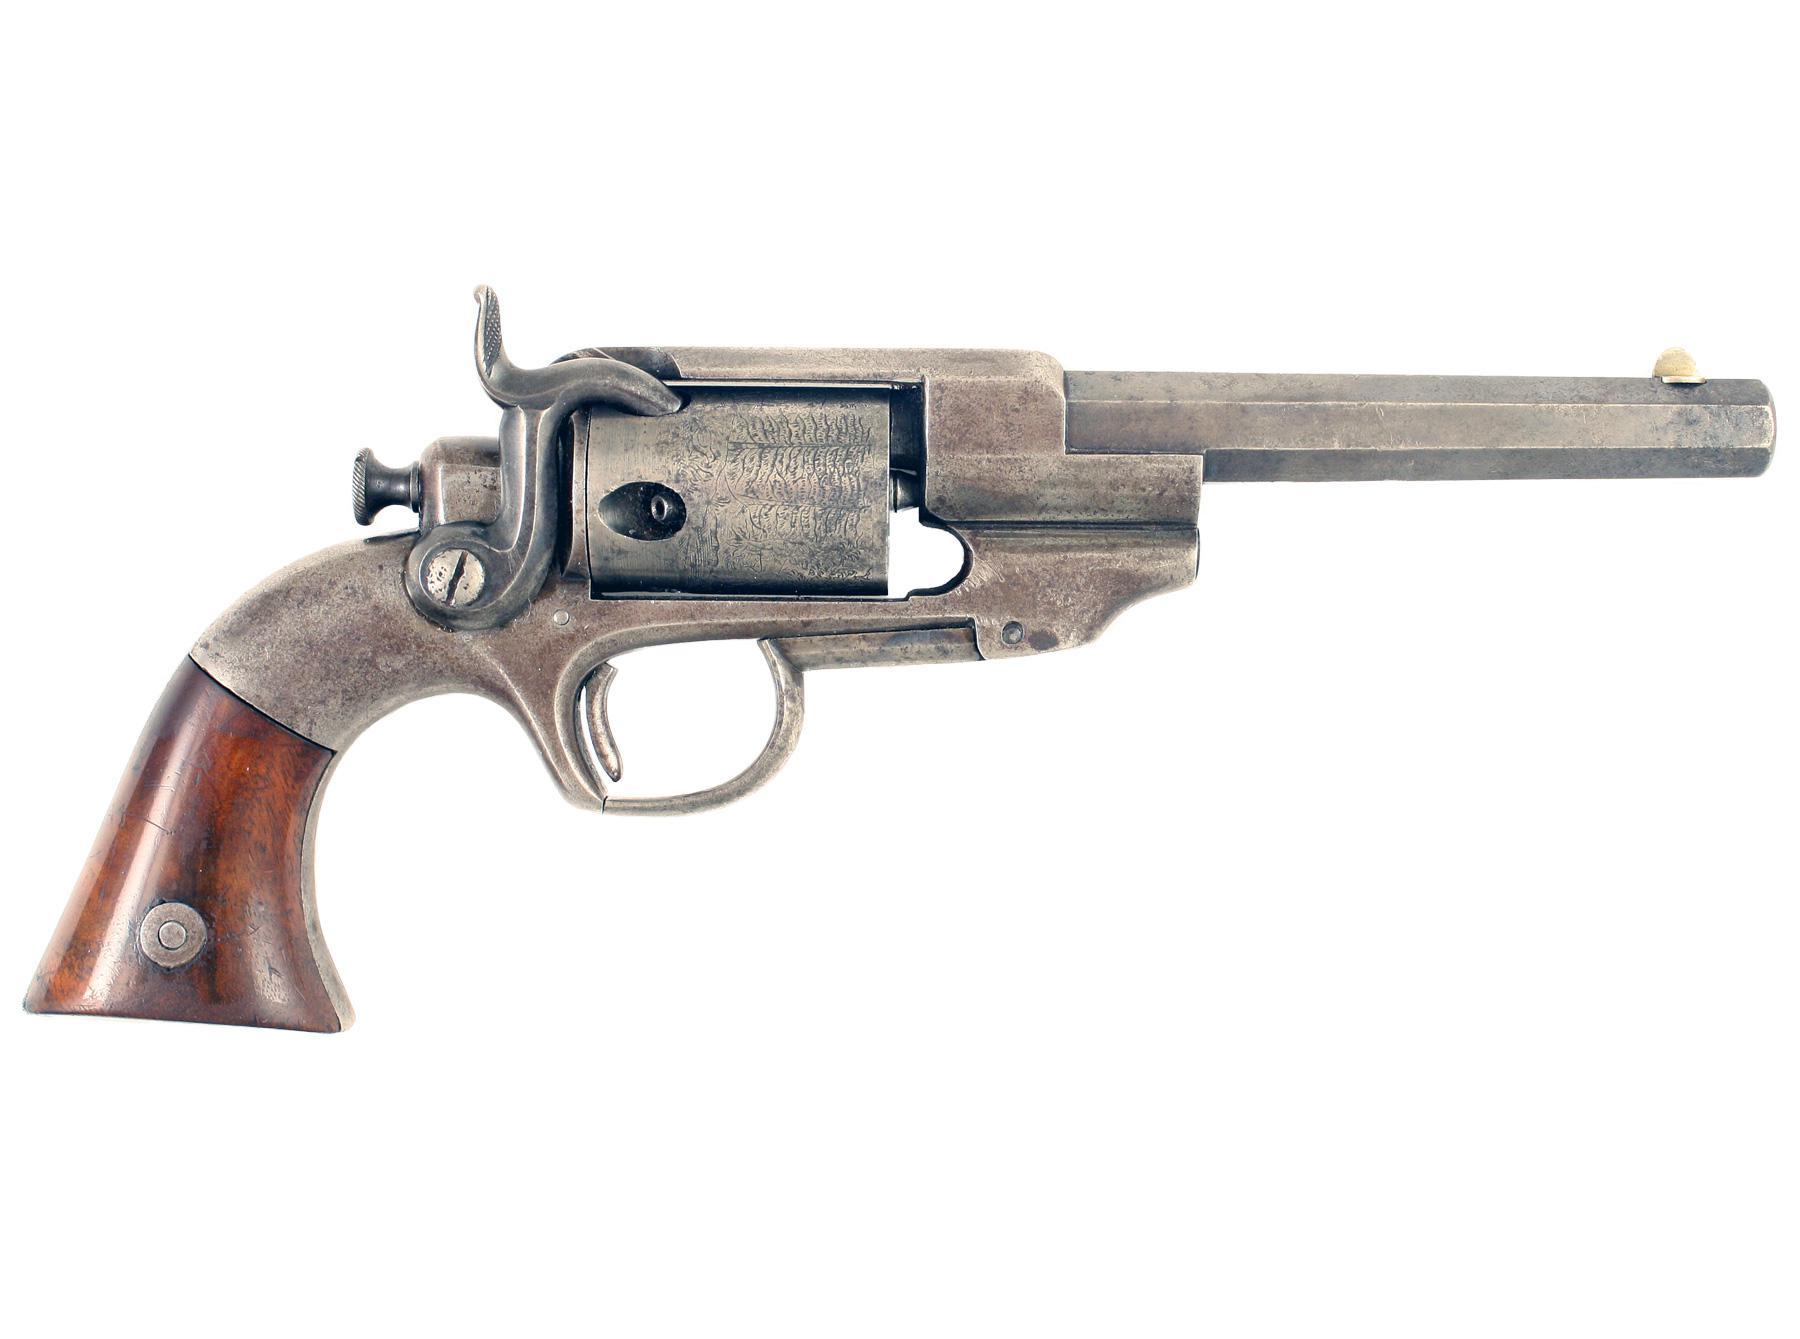 A Rare Allen & Wheelock Revolver